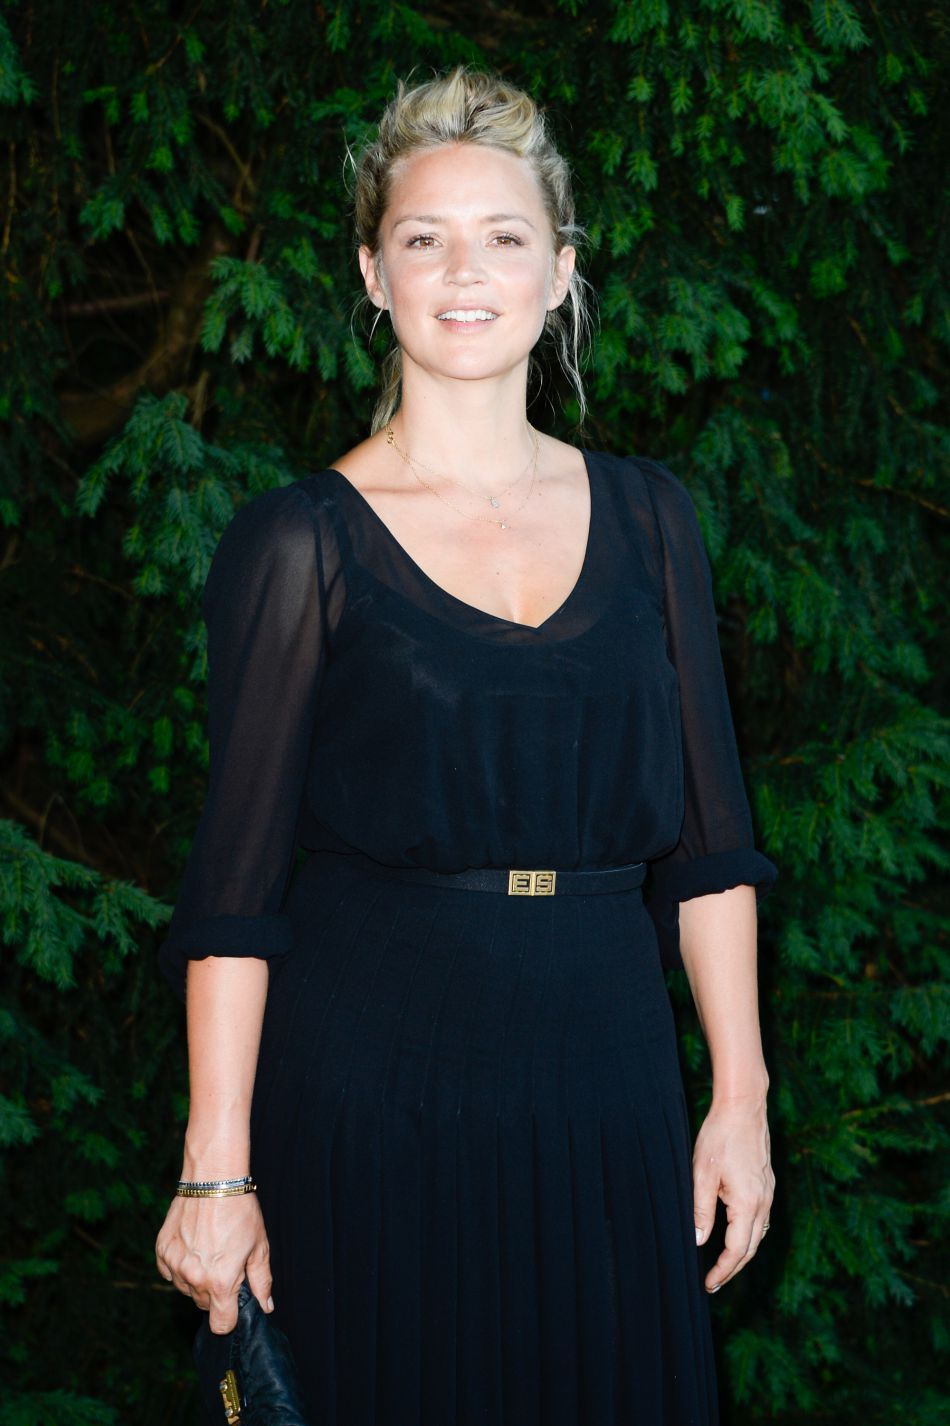 Virginie Efira est vêtue d'une robe noire légèrement transparente.